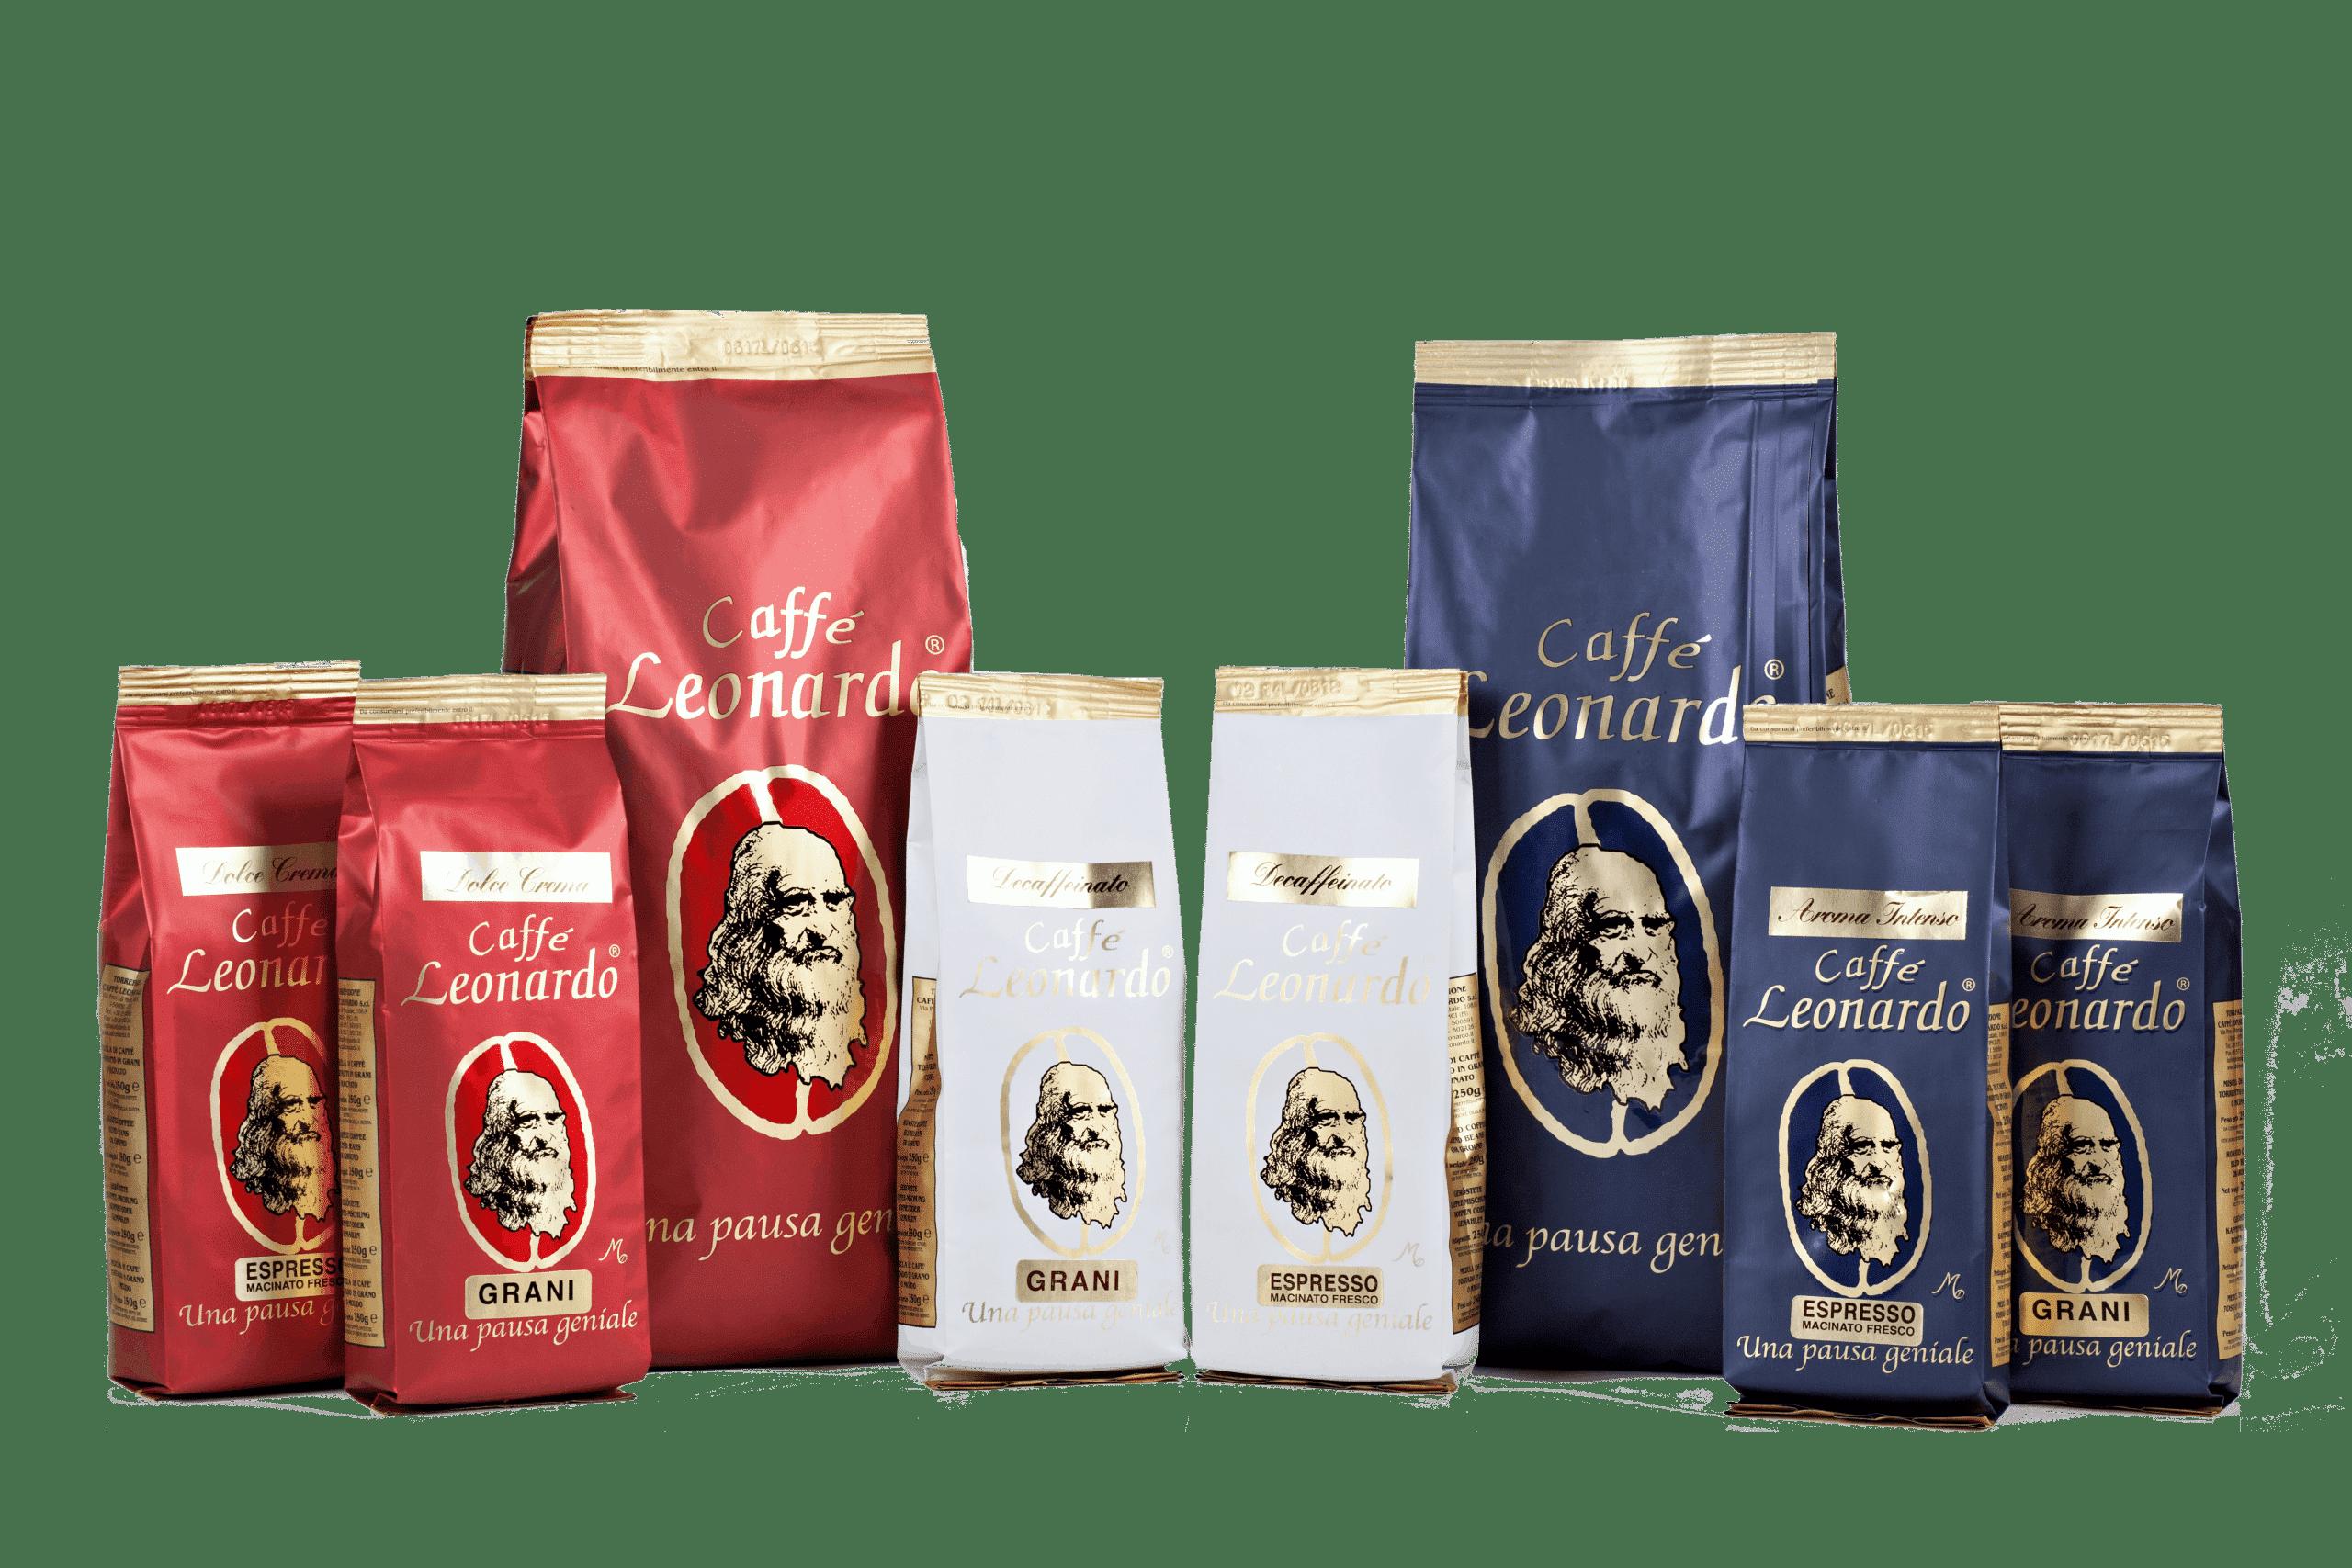 káva leonardo